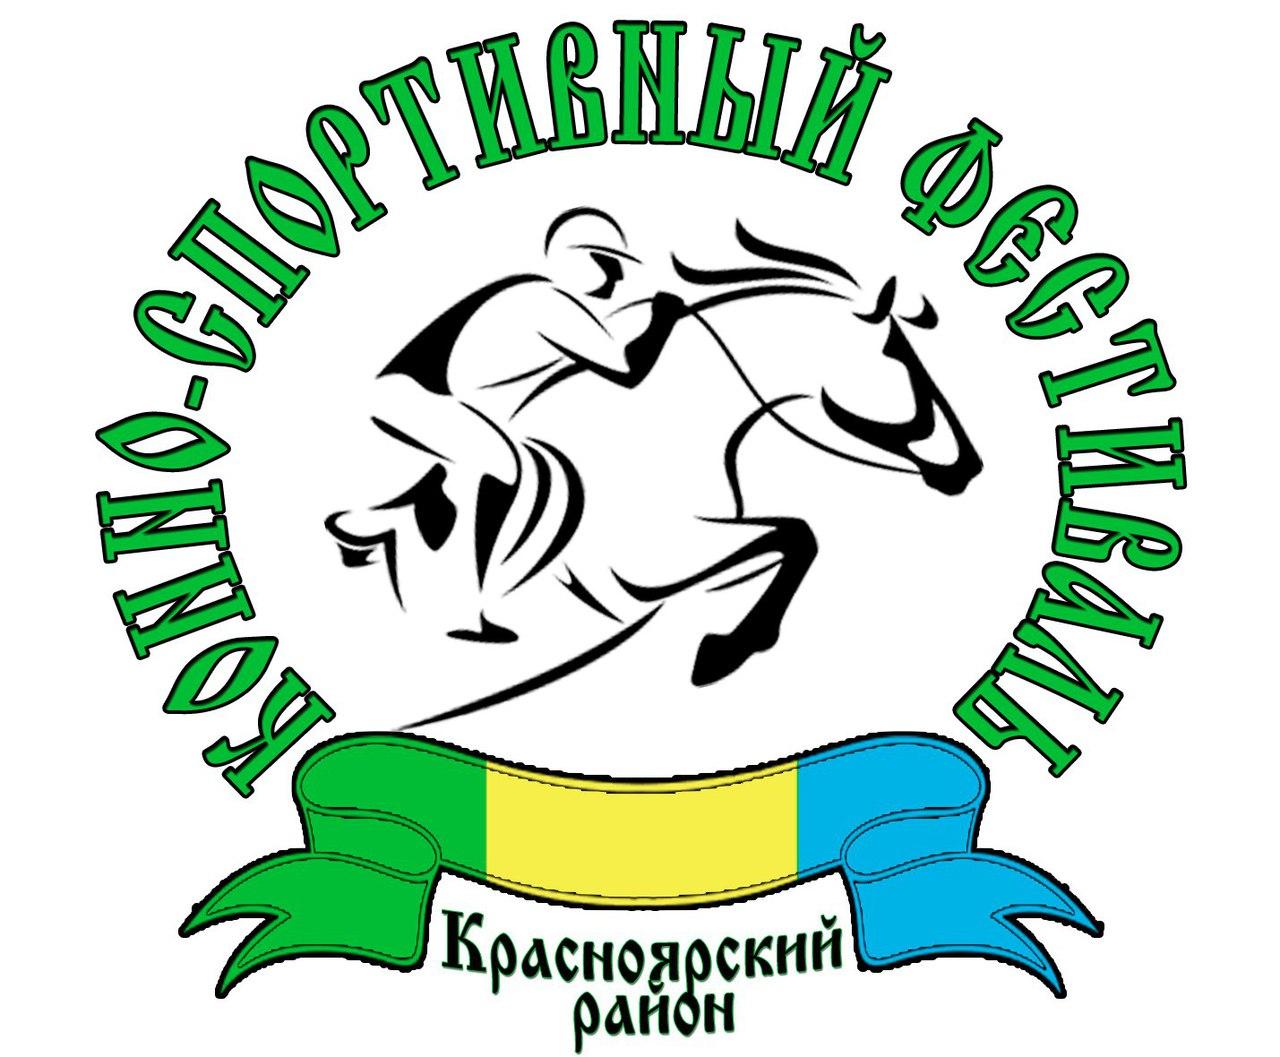 Афиша Конно-спортивный фестиваль памяти М.И. Каштанова